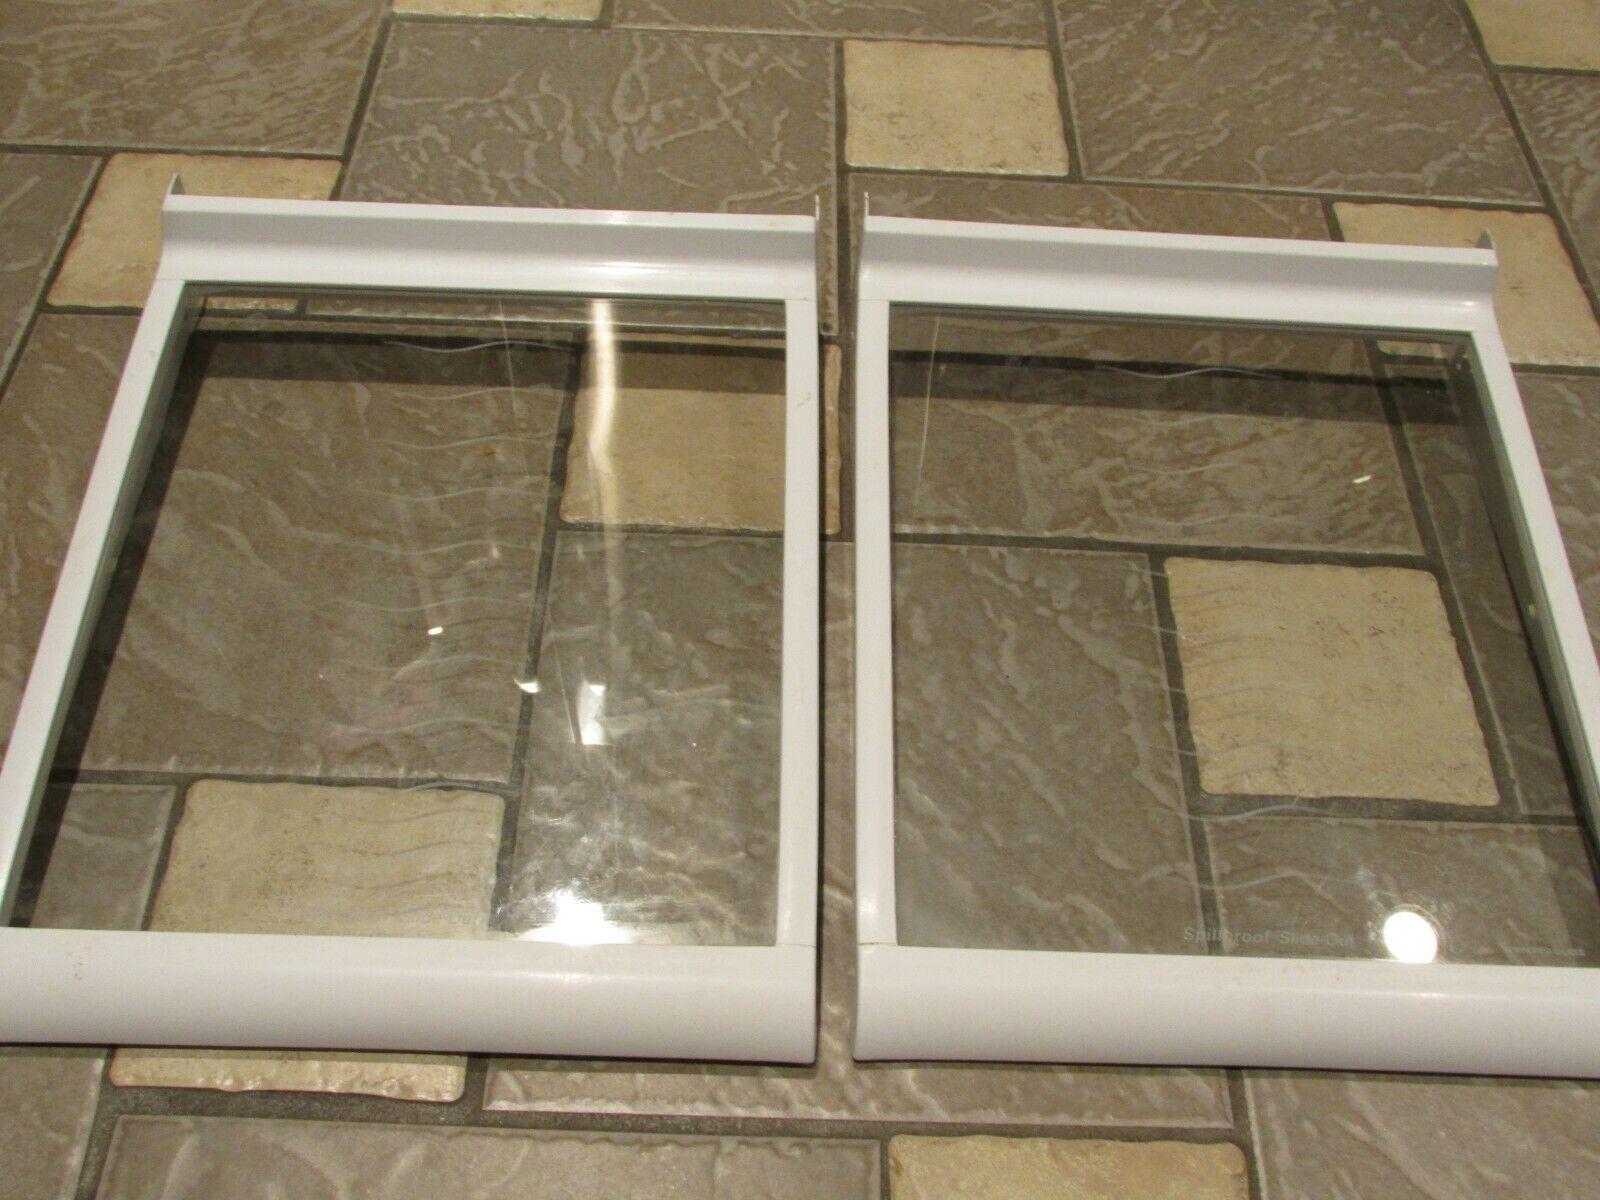 KENMORE REFRIGERATOR SHELVES SHELF SET 2 GLASS SHELF FOR KENMORE FRIG